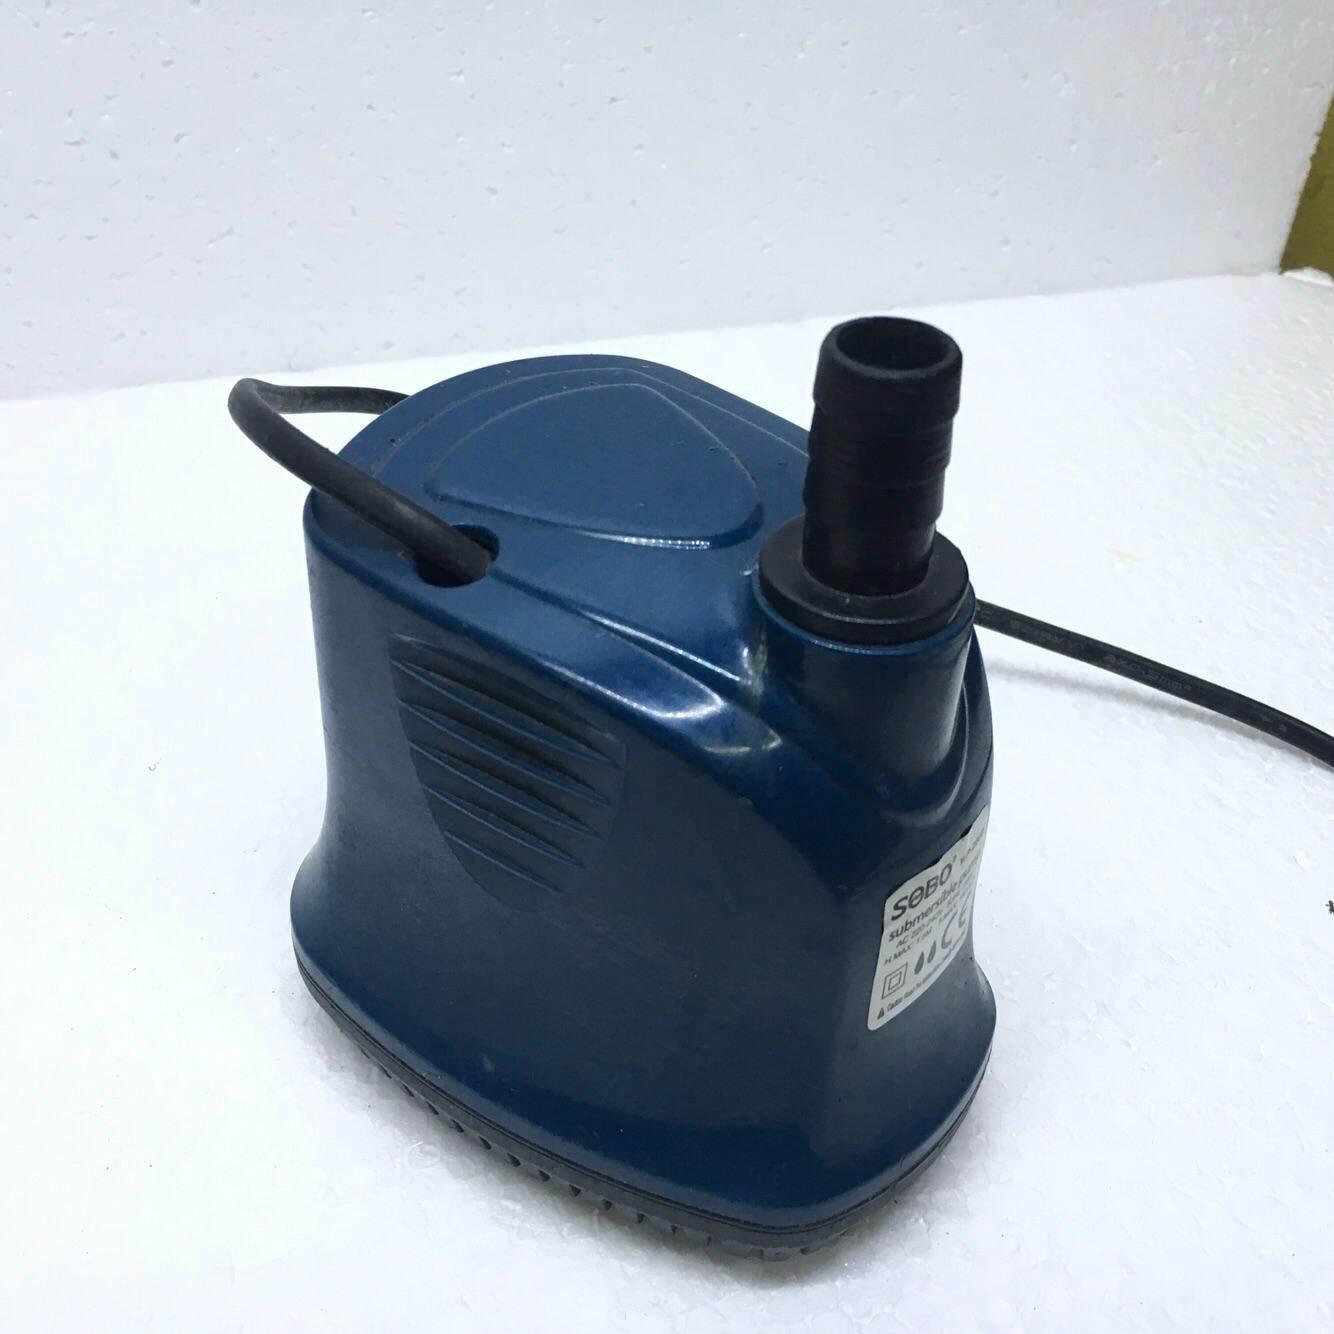 SOBO WP-500D ปั้มน้ำตู้ปลา บ่อปลา กำลังไฟ 55w 4500ลิตร/1ช.ม. WP500D ปั๊มน้ำ ปั๊มแช่ ปั๊มน้ำพุ ปั๊มน้ำไดโว่